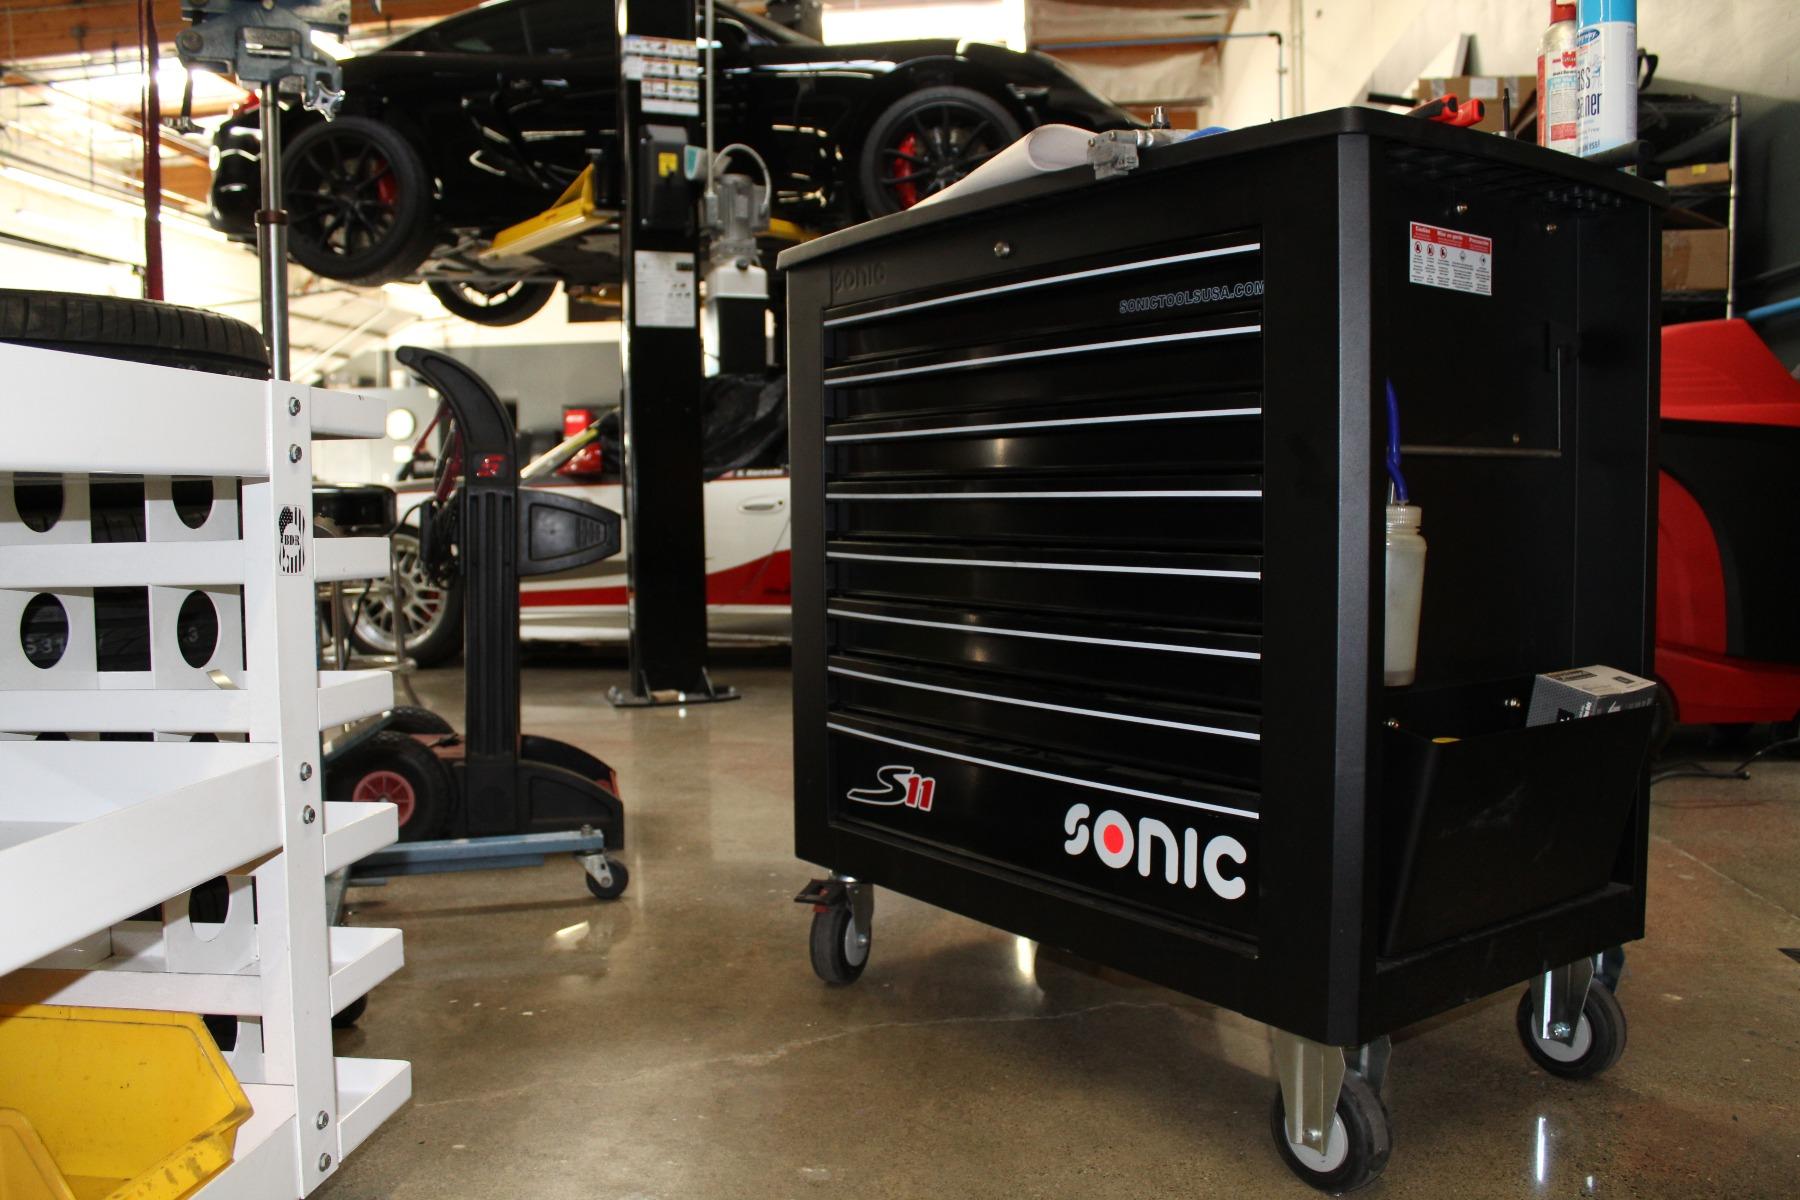 黑色S11工具箱